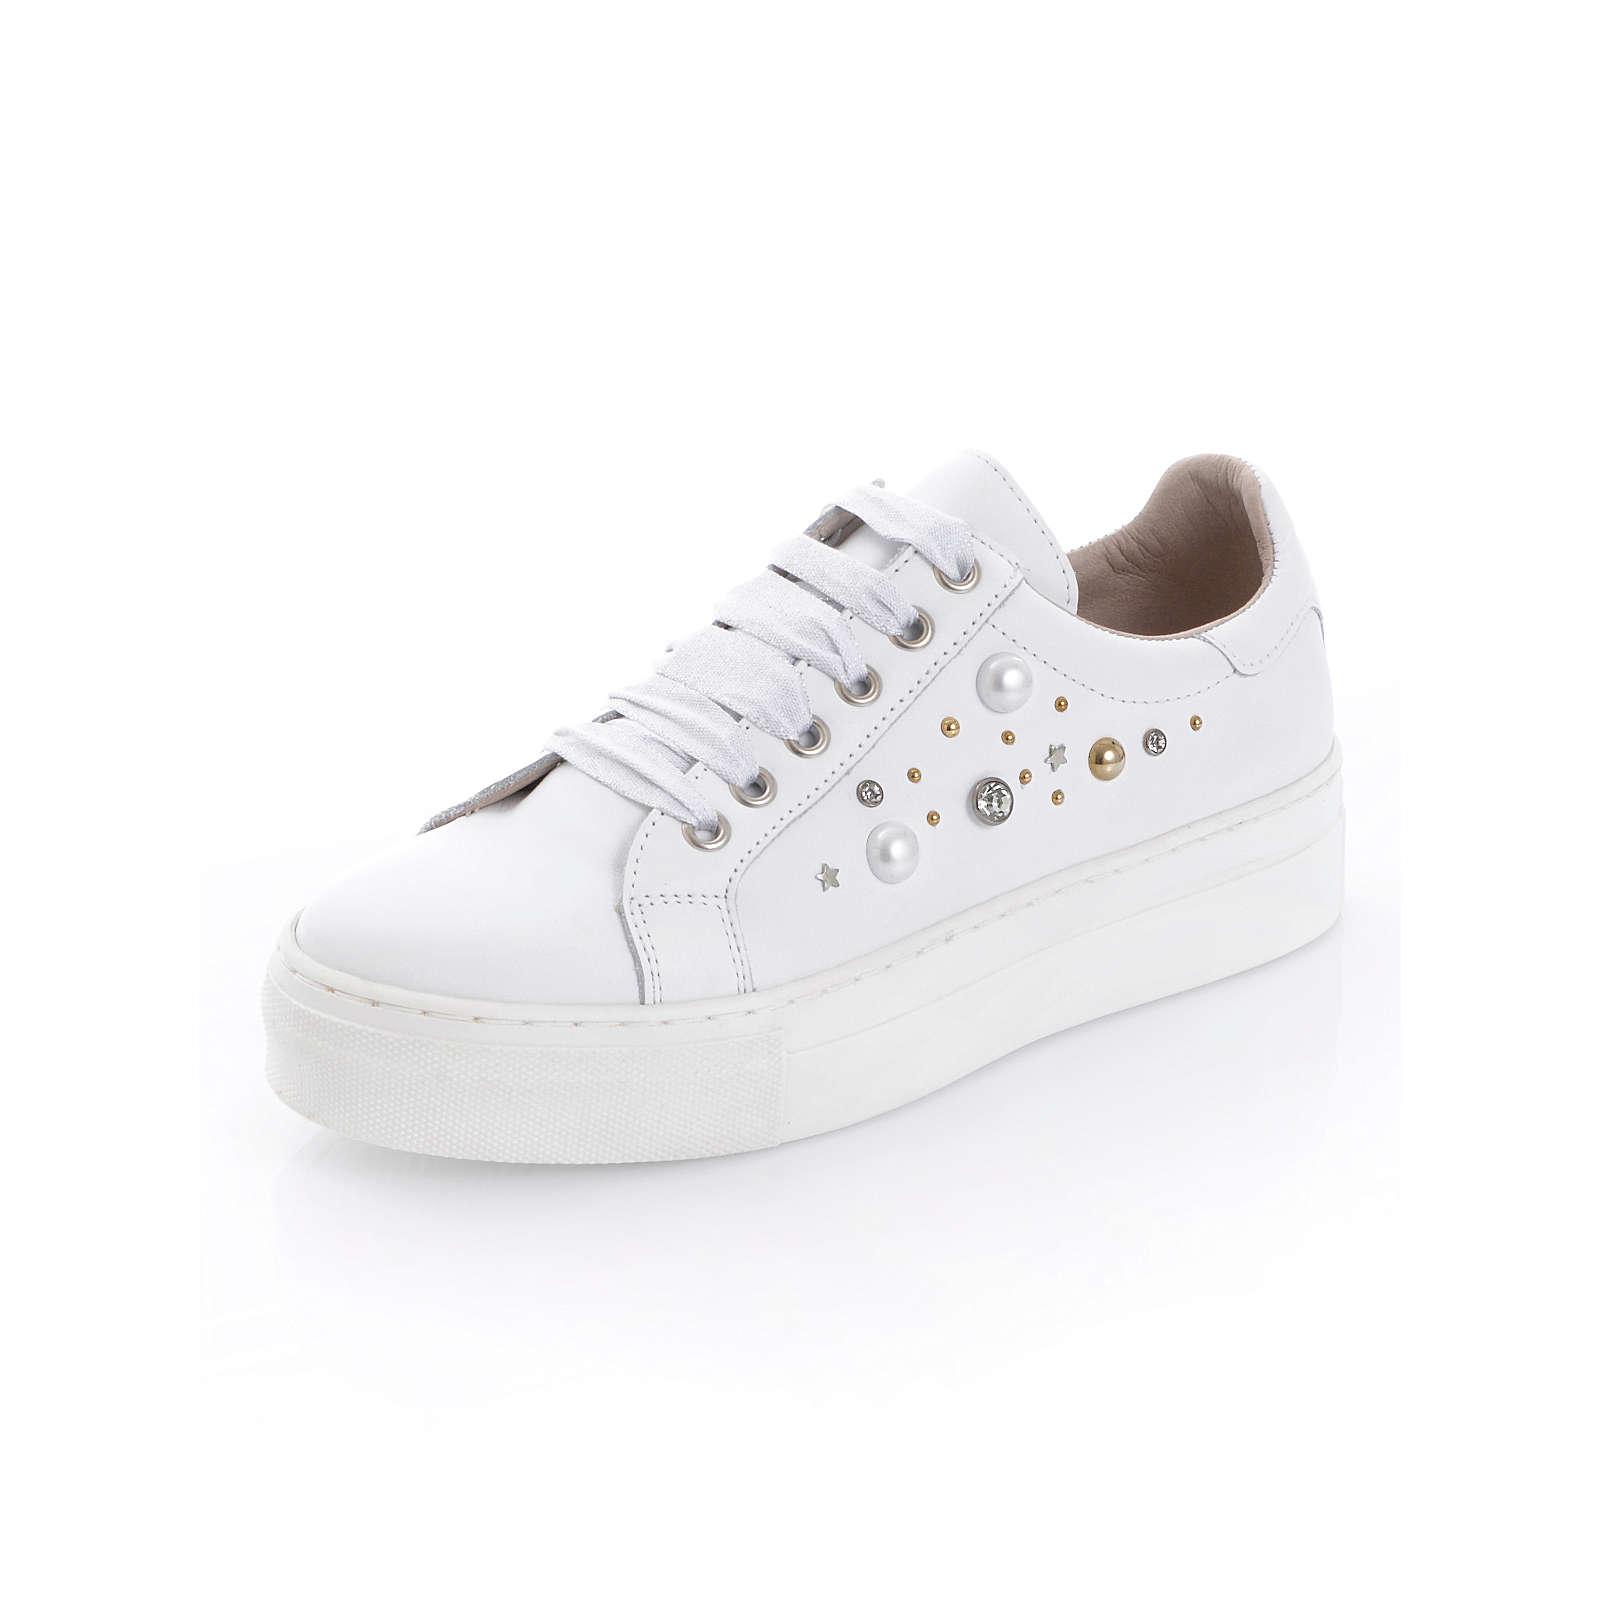 Alba Moda Sneaker weiß Damen Gr. 38